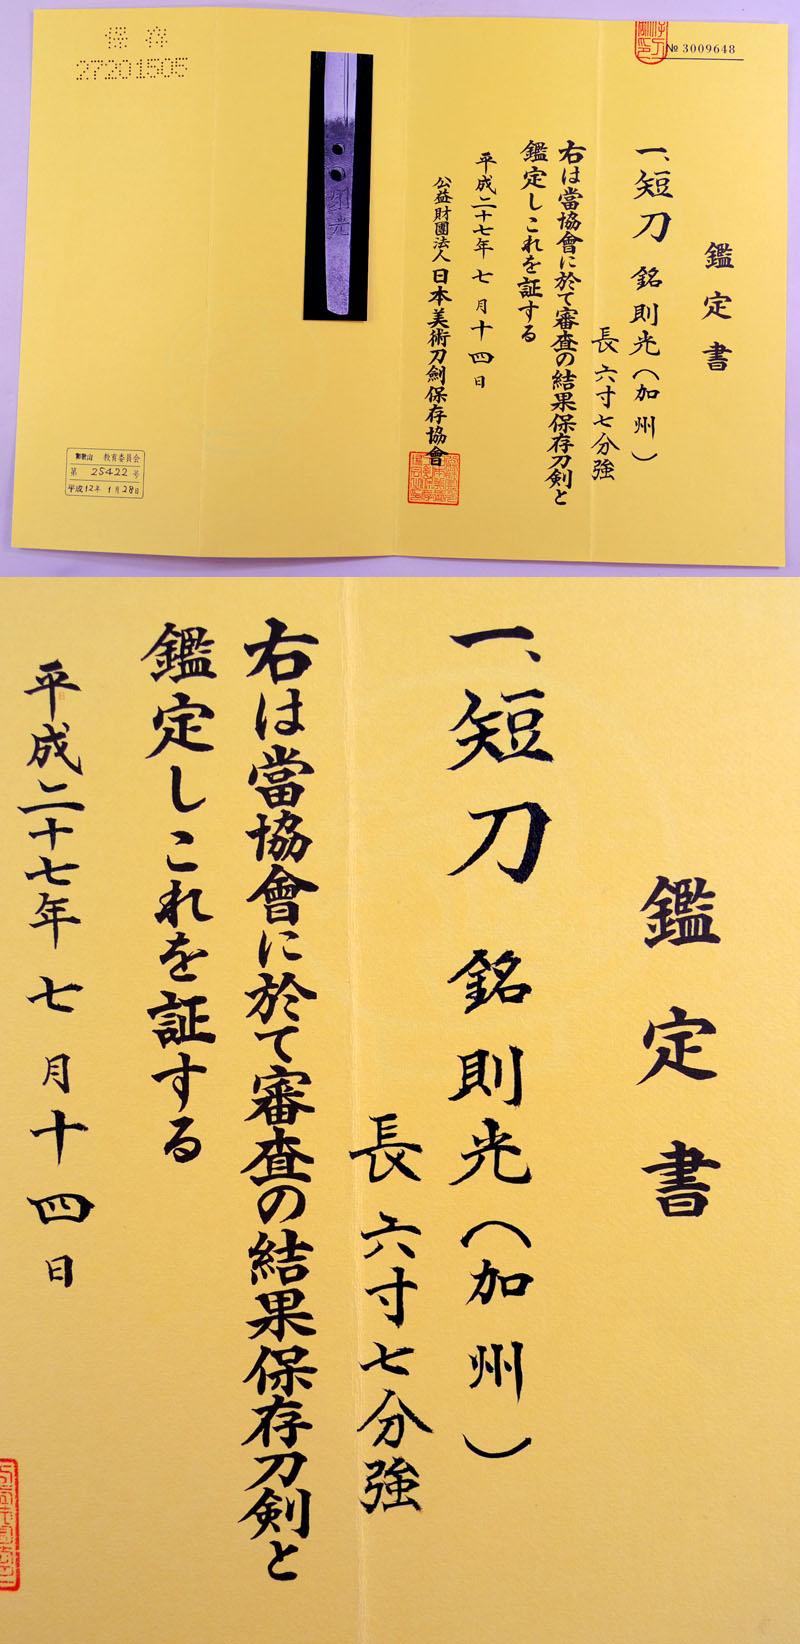 則光(加州) Picture of Certificate